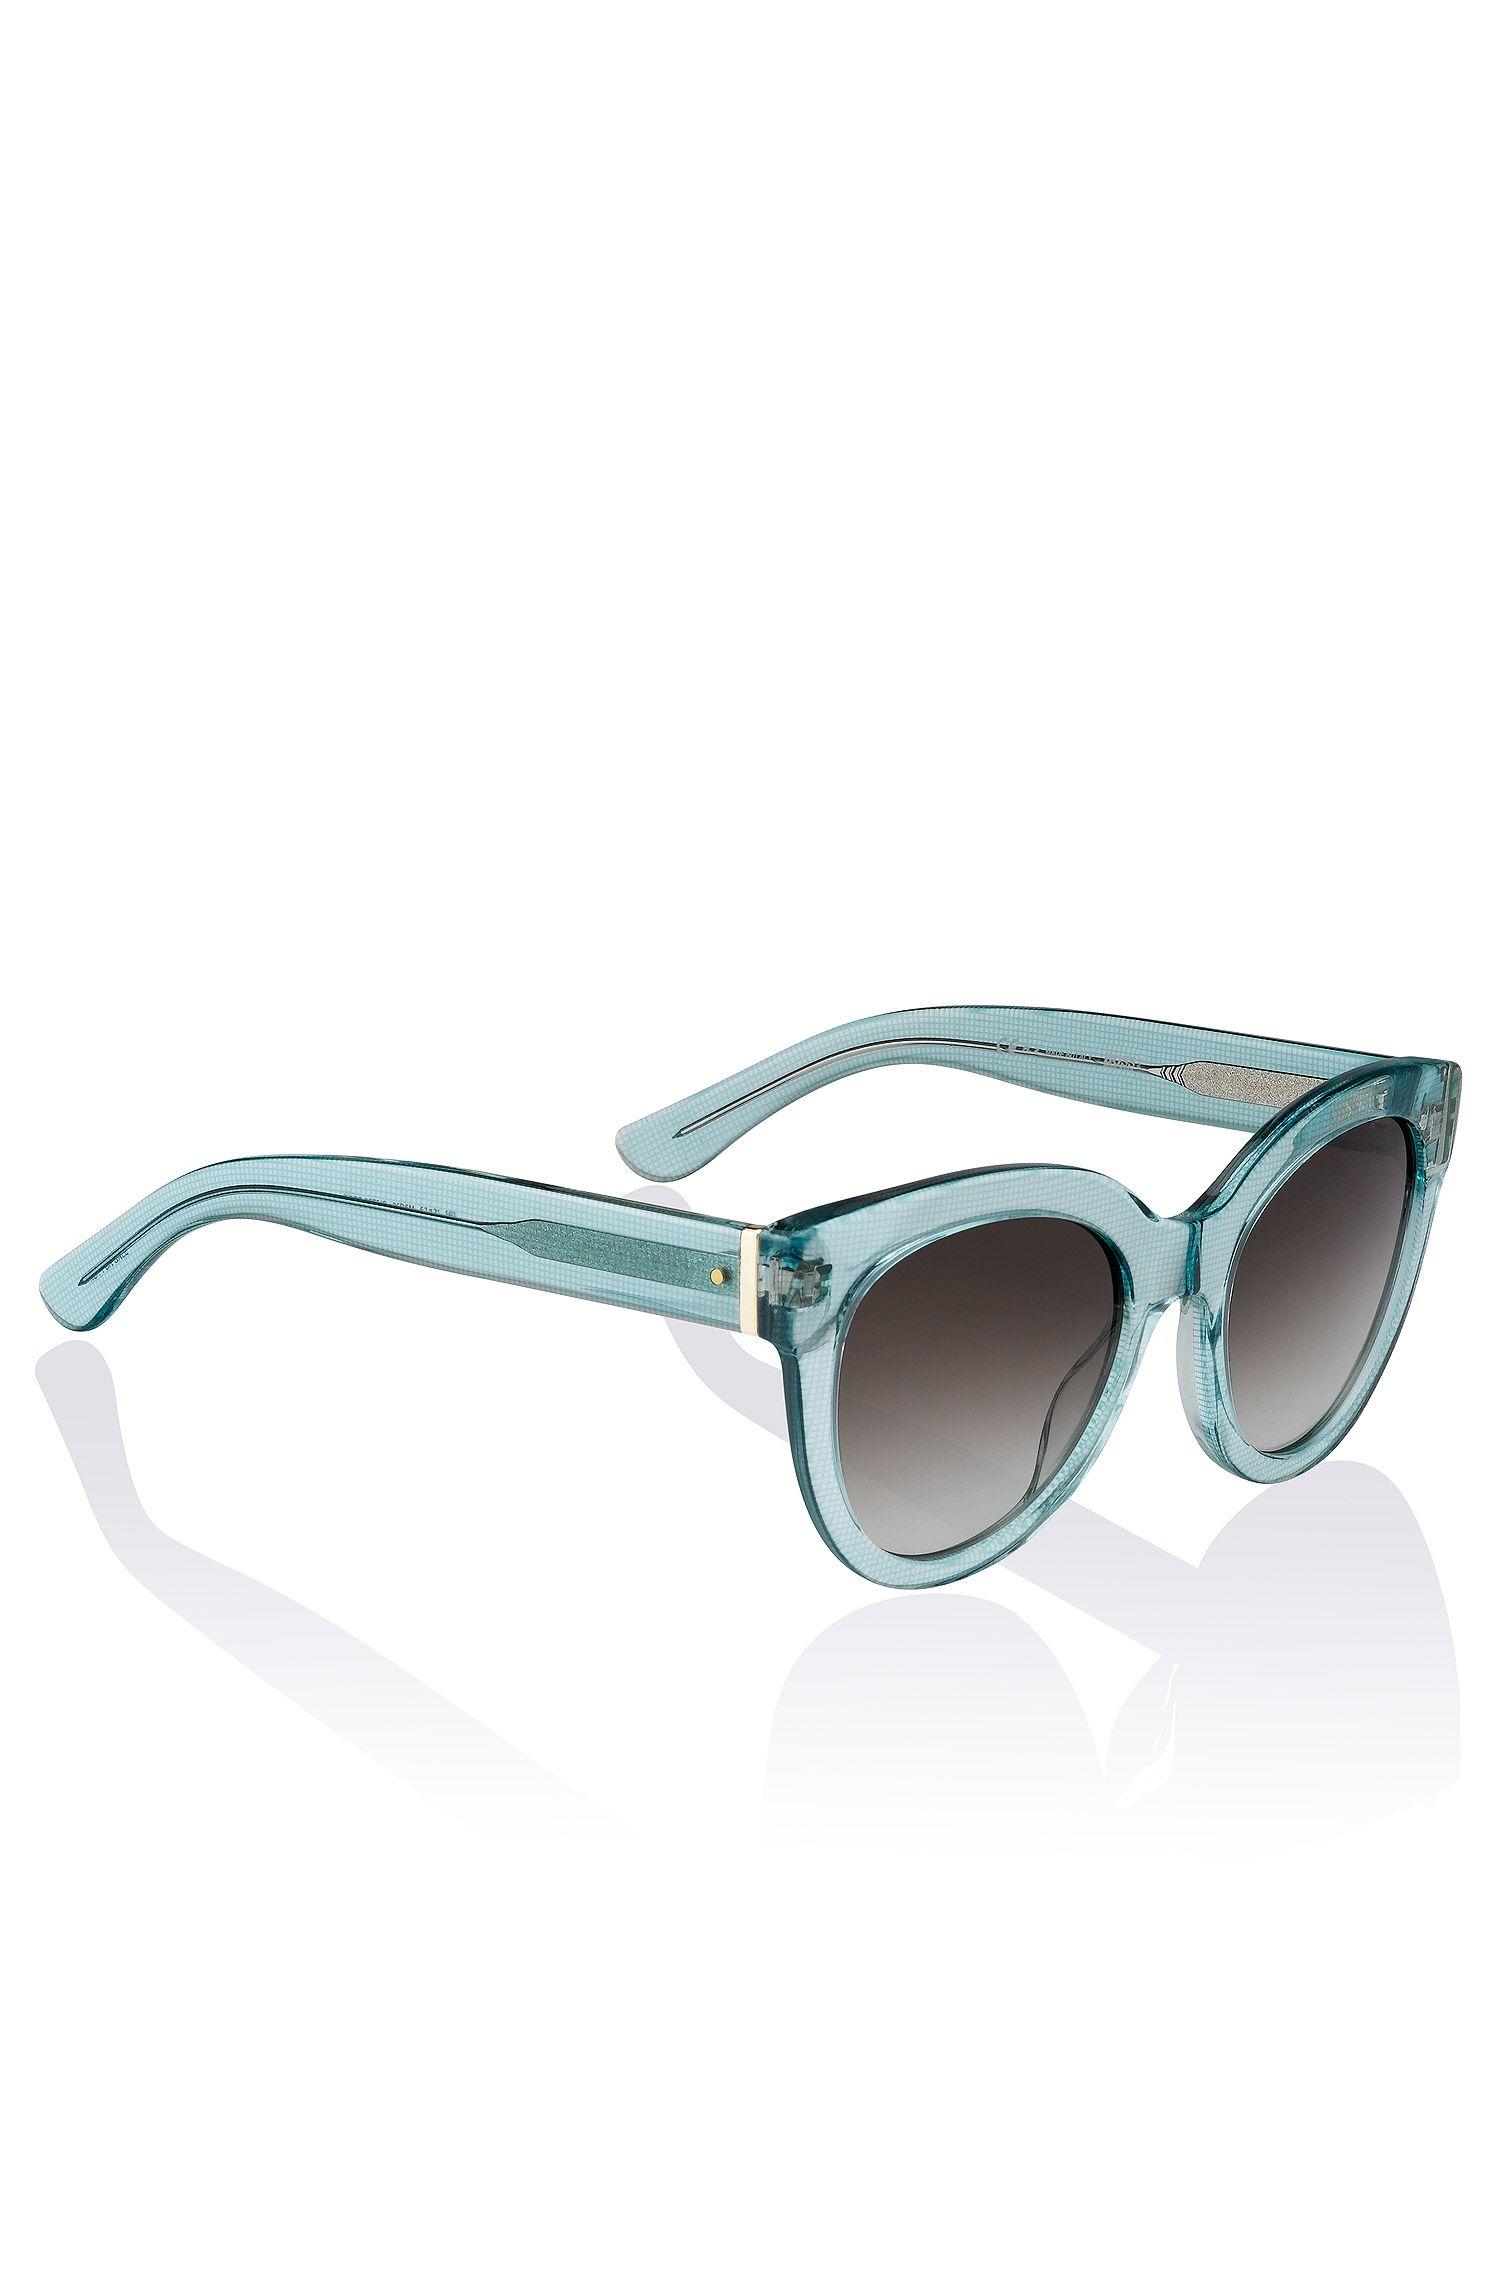 Gafas de sol 'BOSS 0675' en acetato y metal, Assorted-Pre-Pack